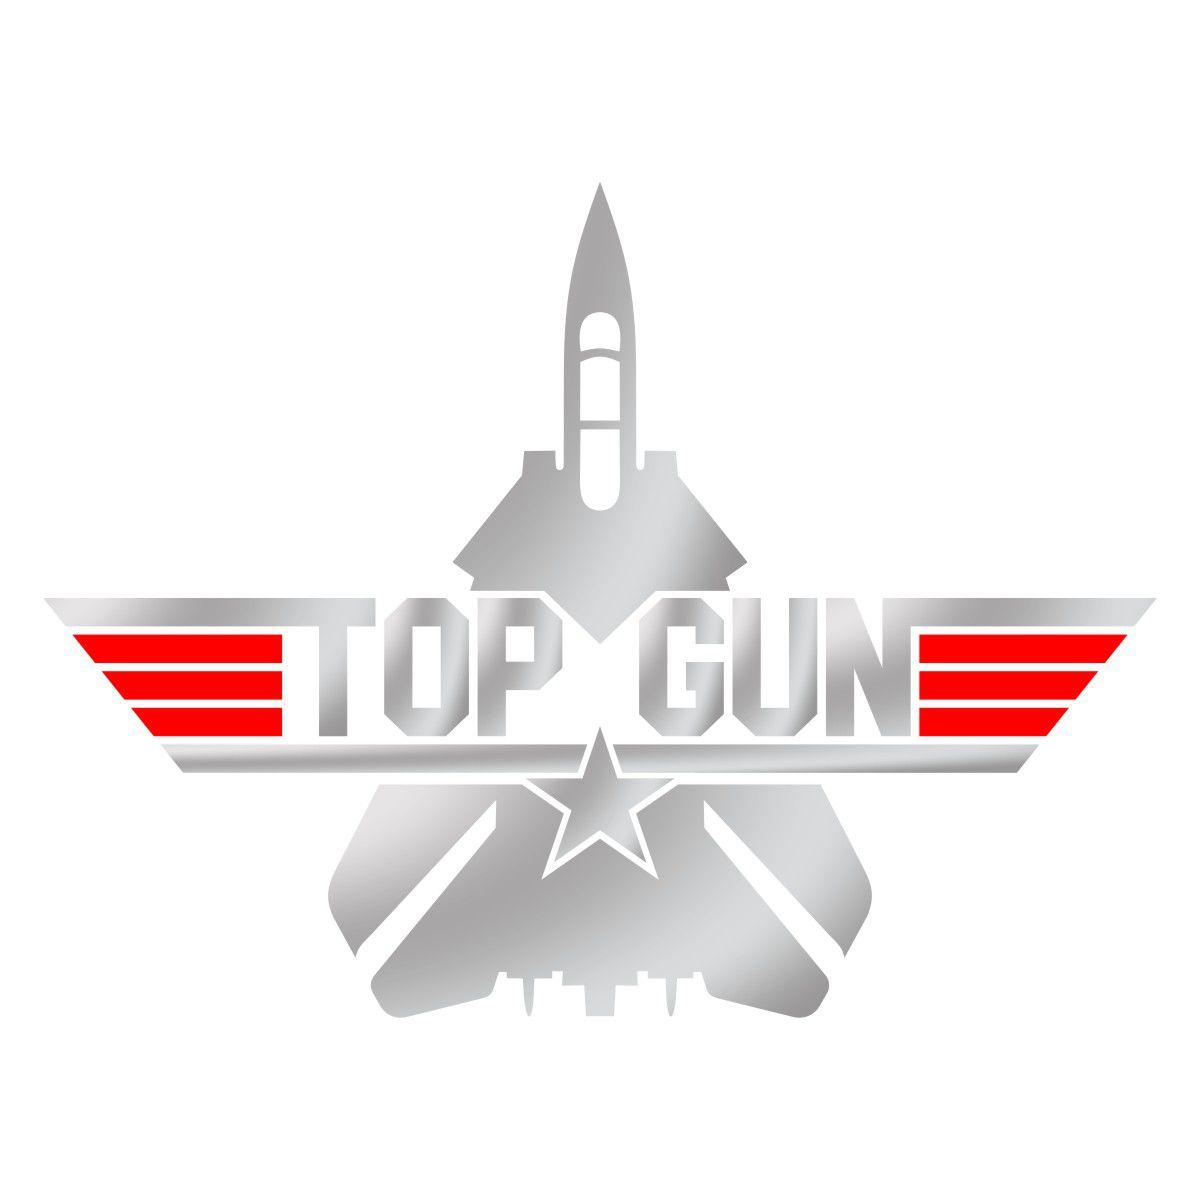 Adesivo TOP GUN - Clássico